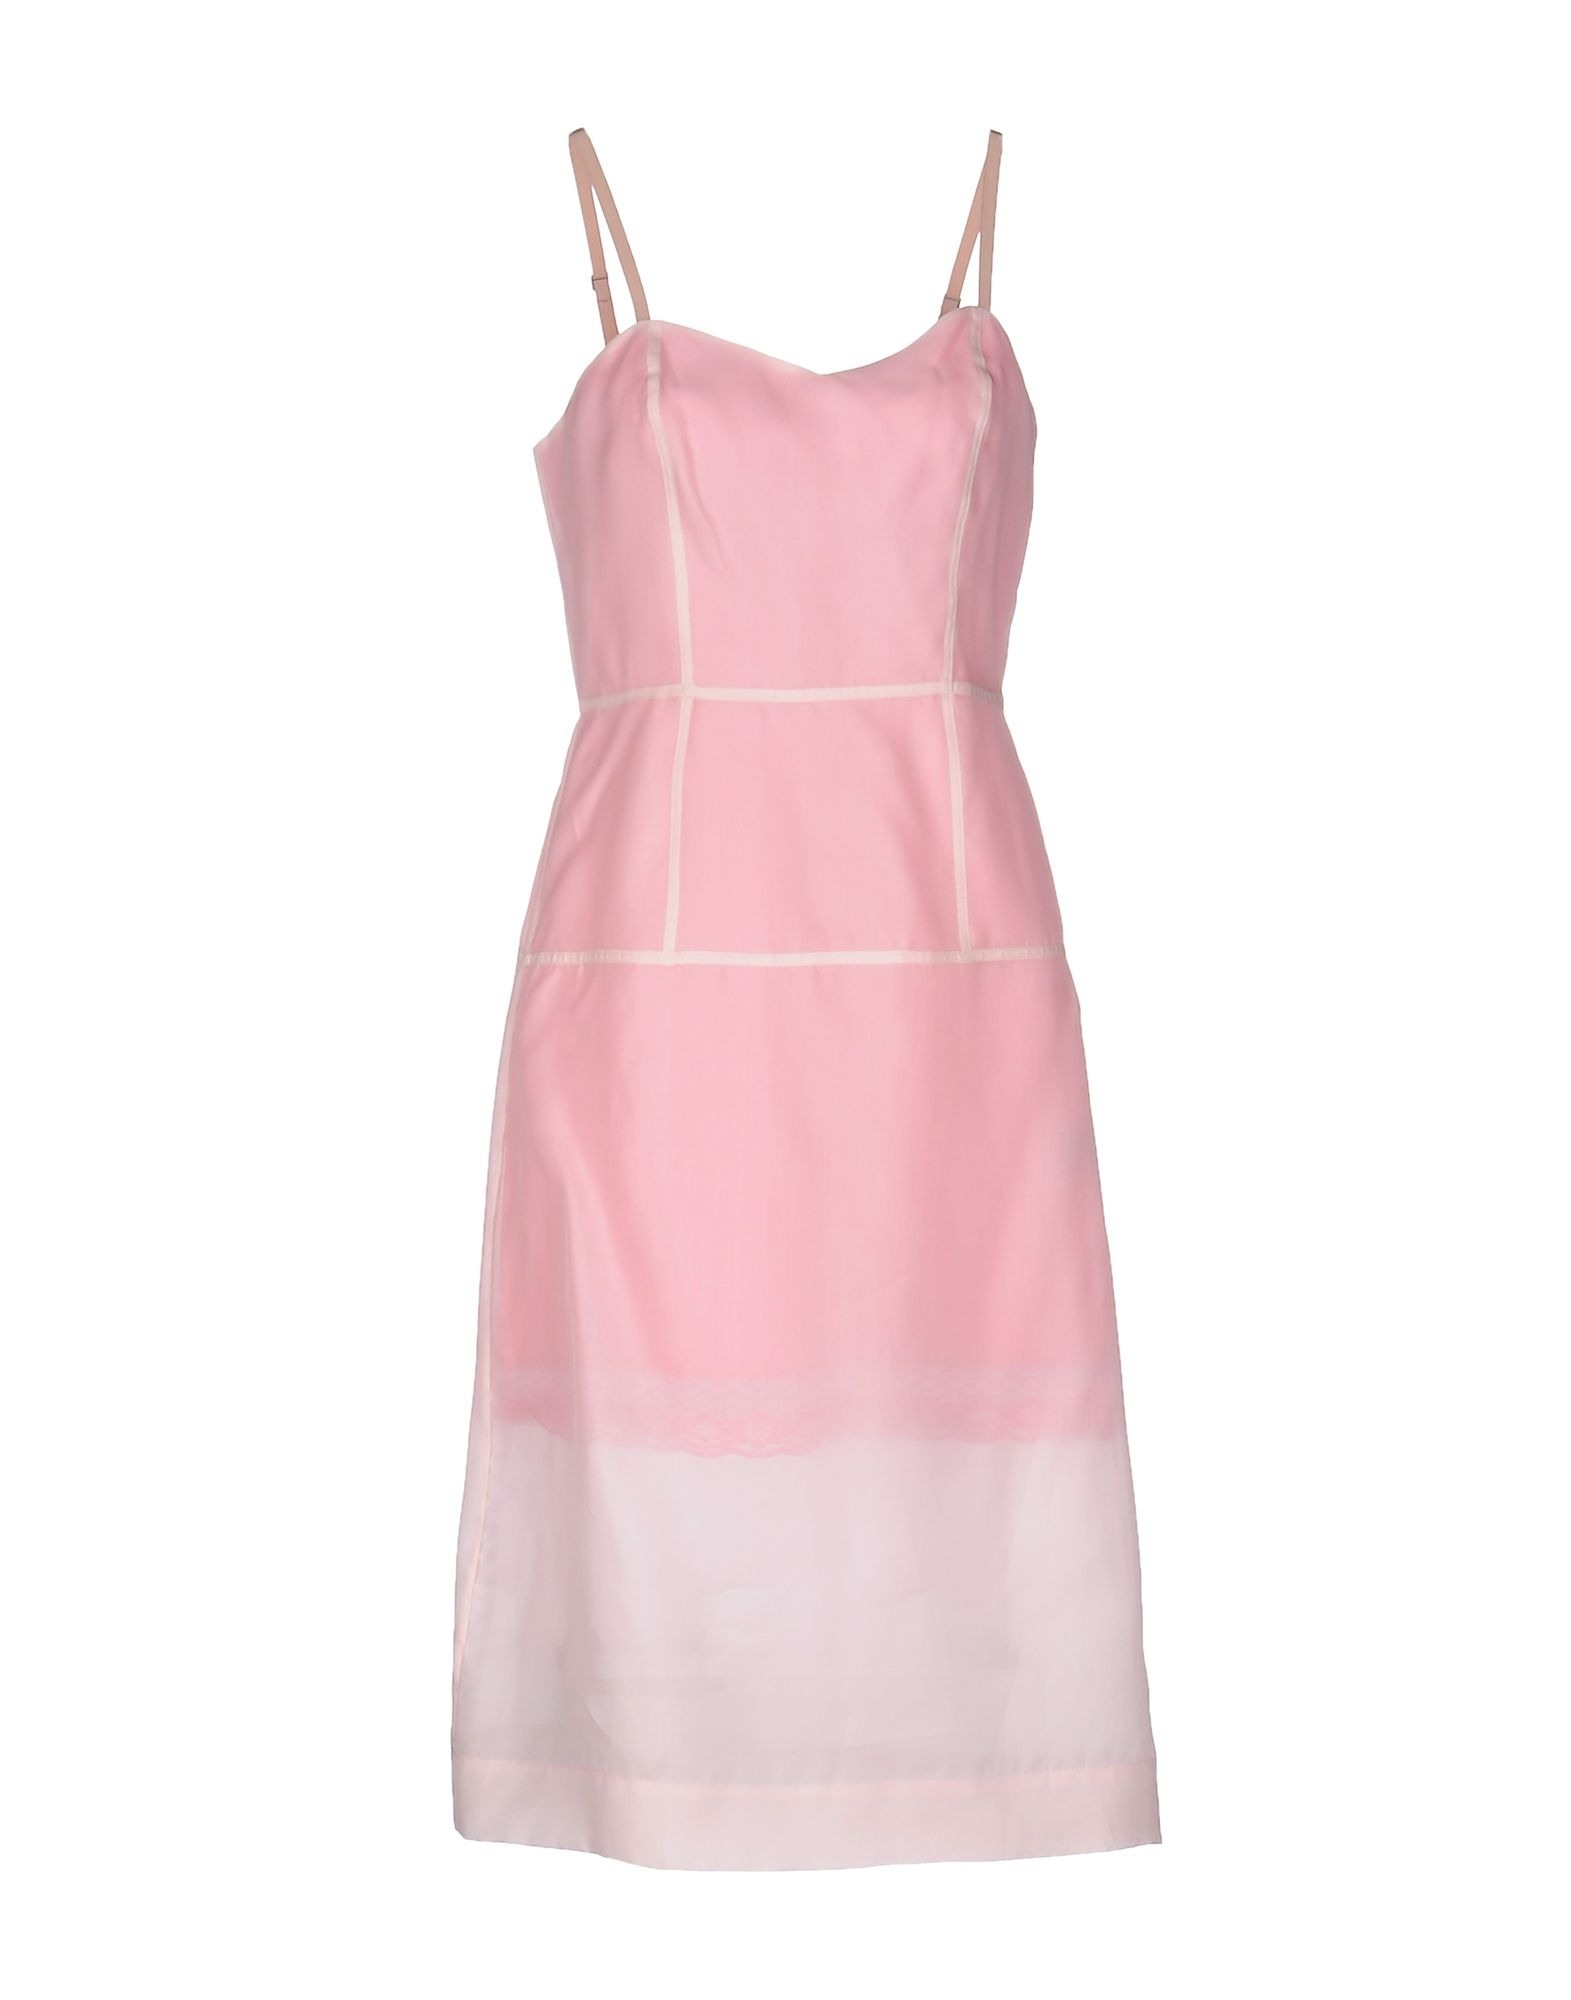 13 Wunderbar Abendkleid Billig Bester PreisDesigner Leicht Abendkleid Billig Vertrieb